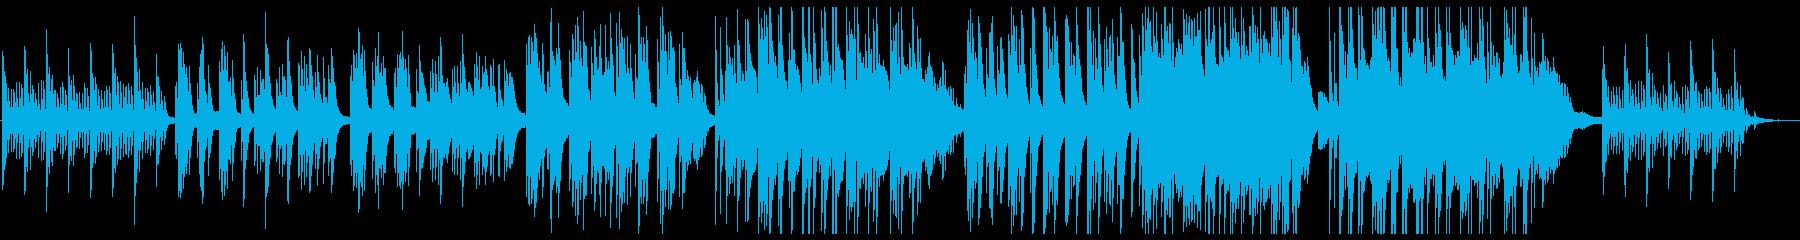 しっとりとしたピアノの感動系の再生済みの波形